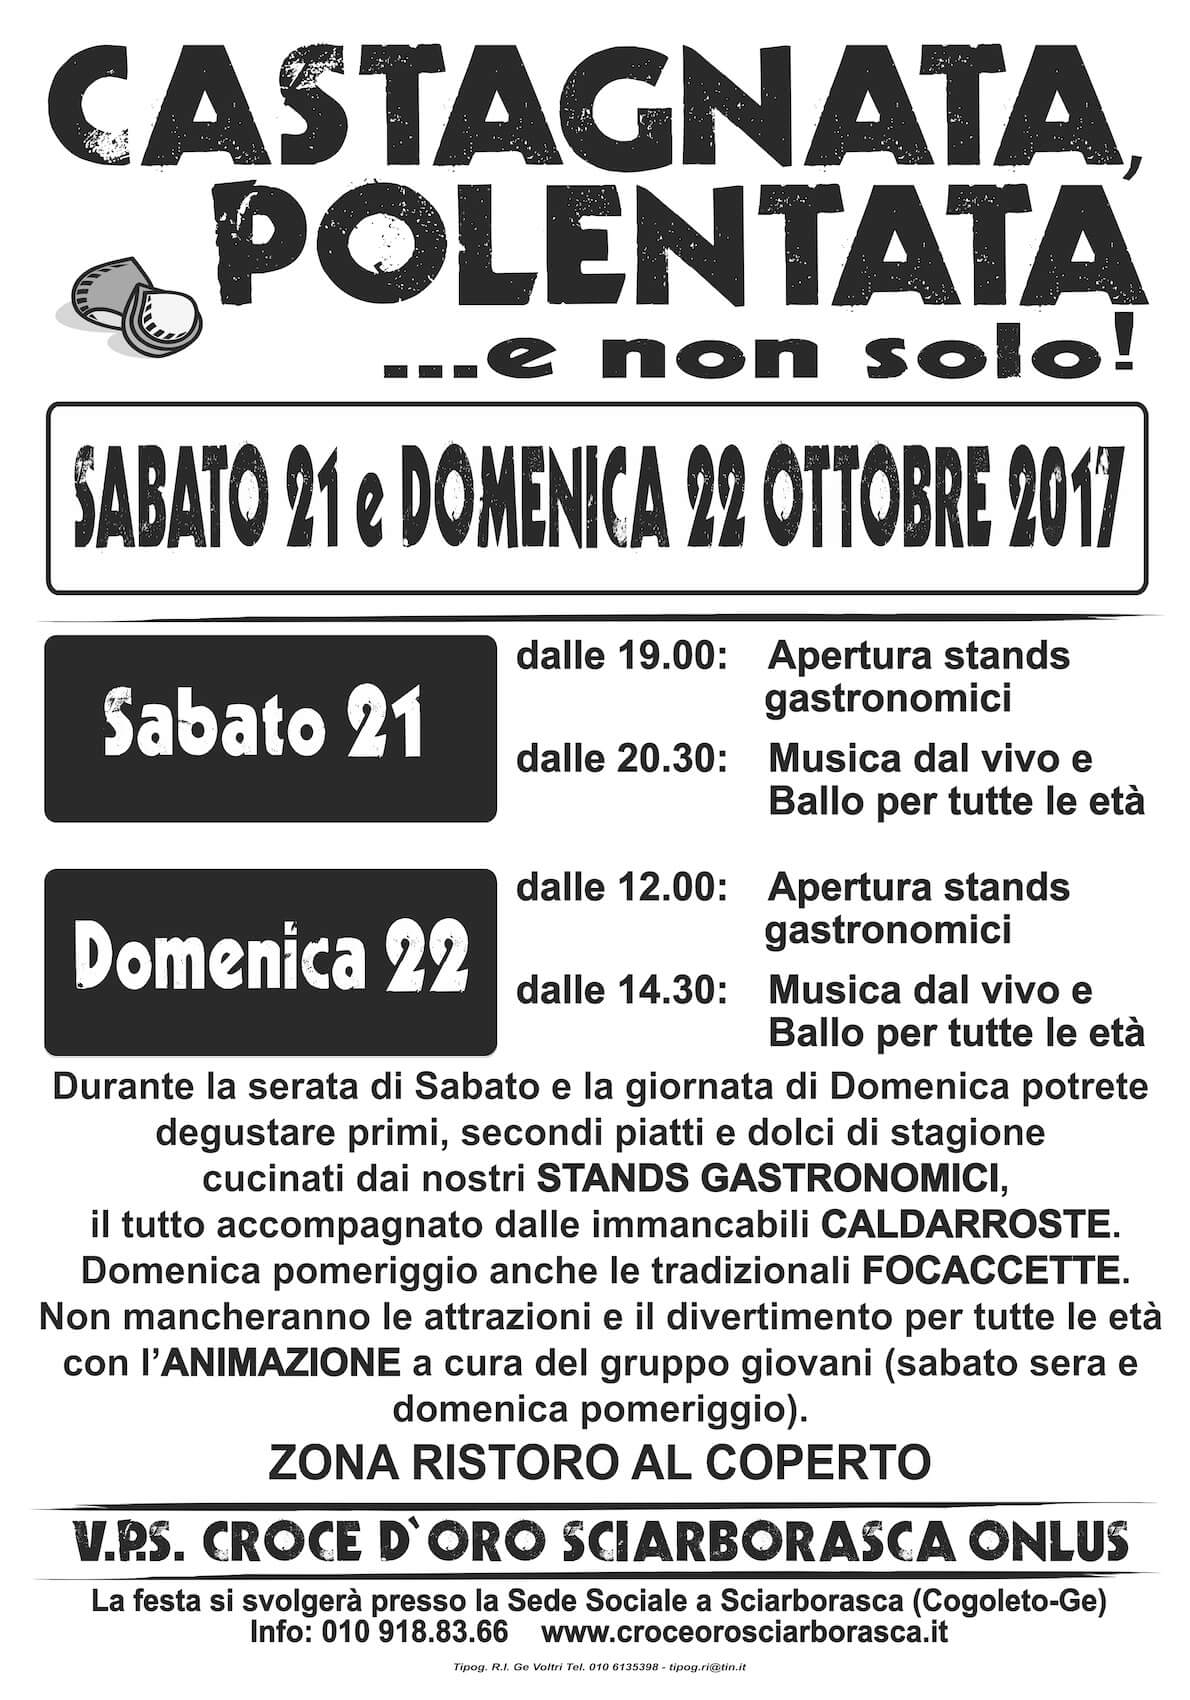 Manifesto Castagnata 2017